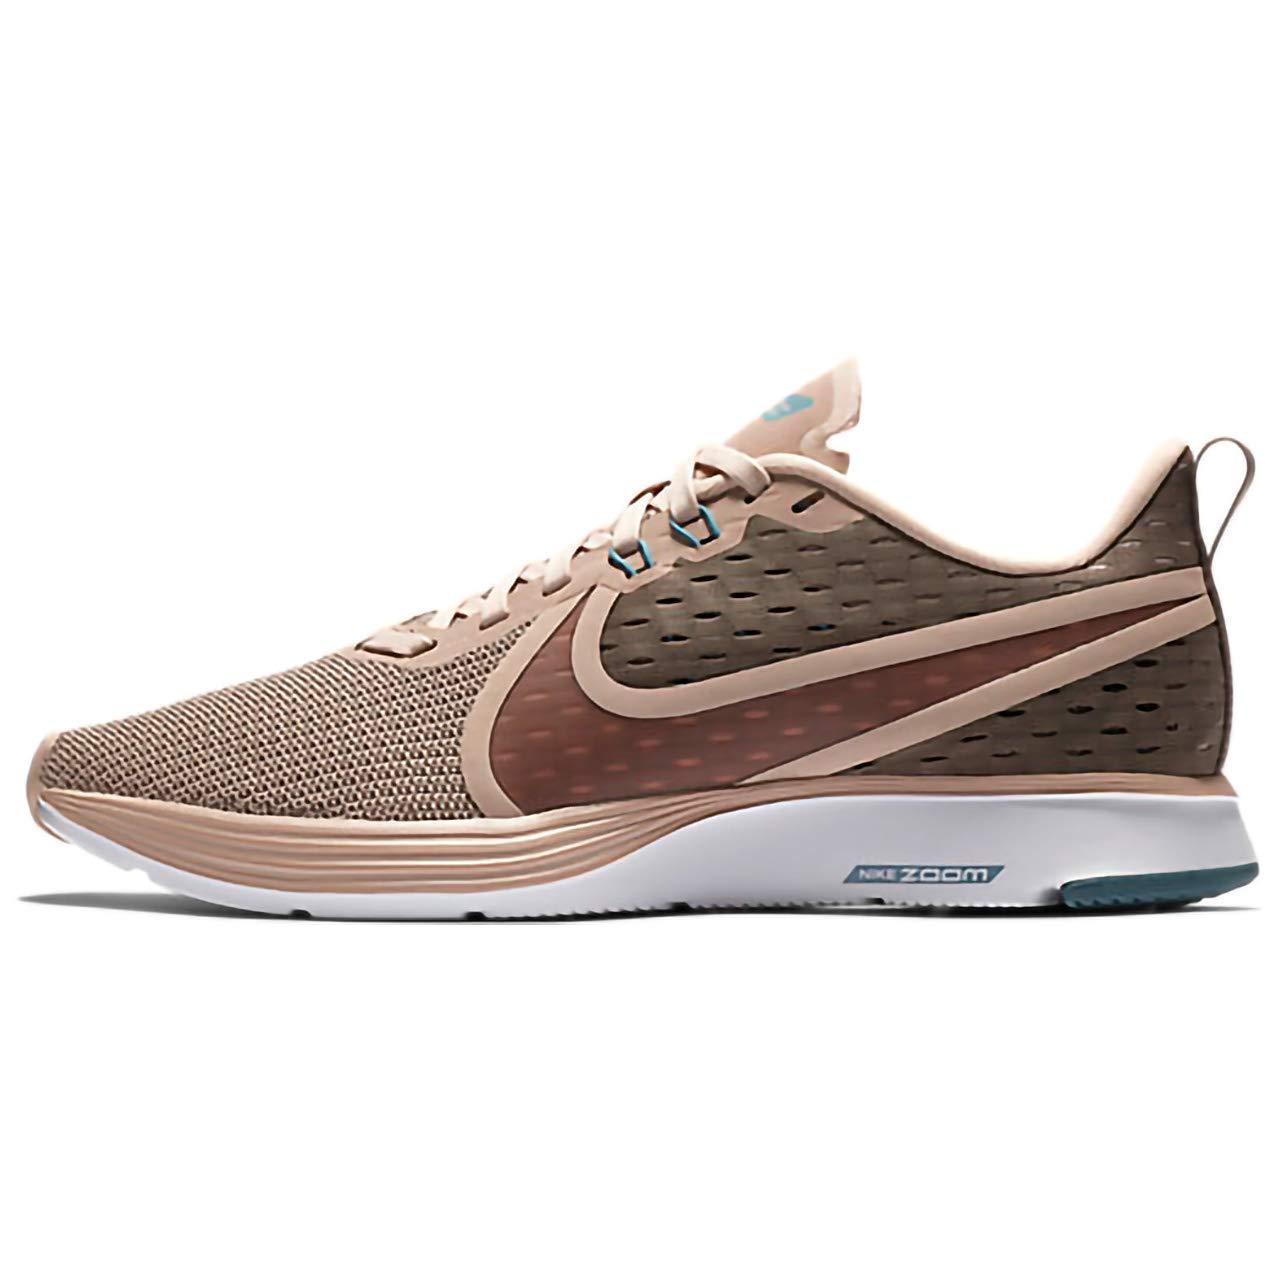 MultiCouleure (Mink marron Particle Beige Celestial Teal 201) Nike WMNS Zoom Strike 2, Chaussures de Running Compétition Femme 36.5 EU